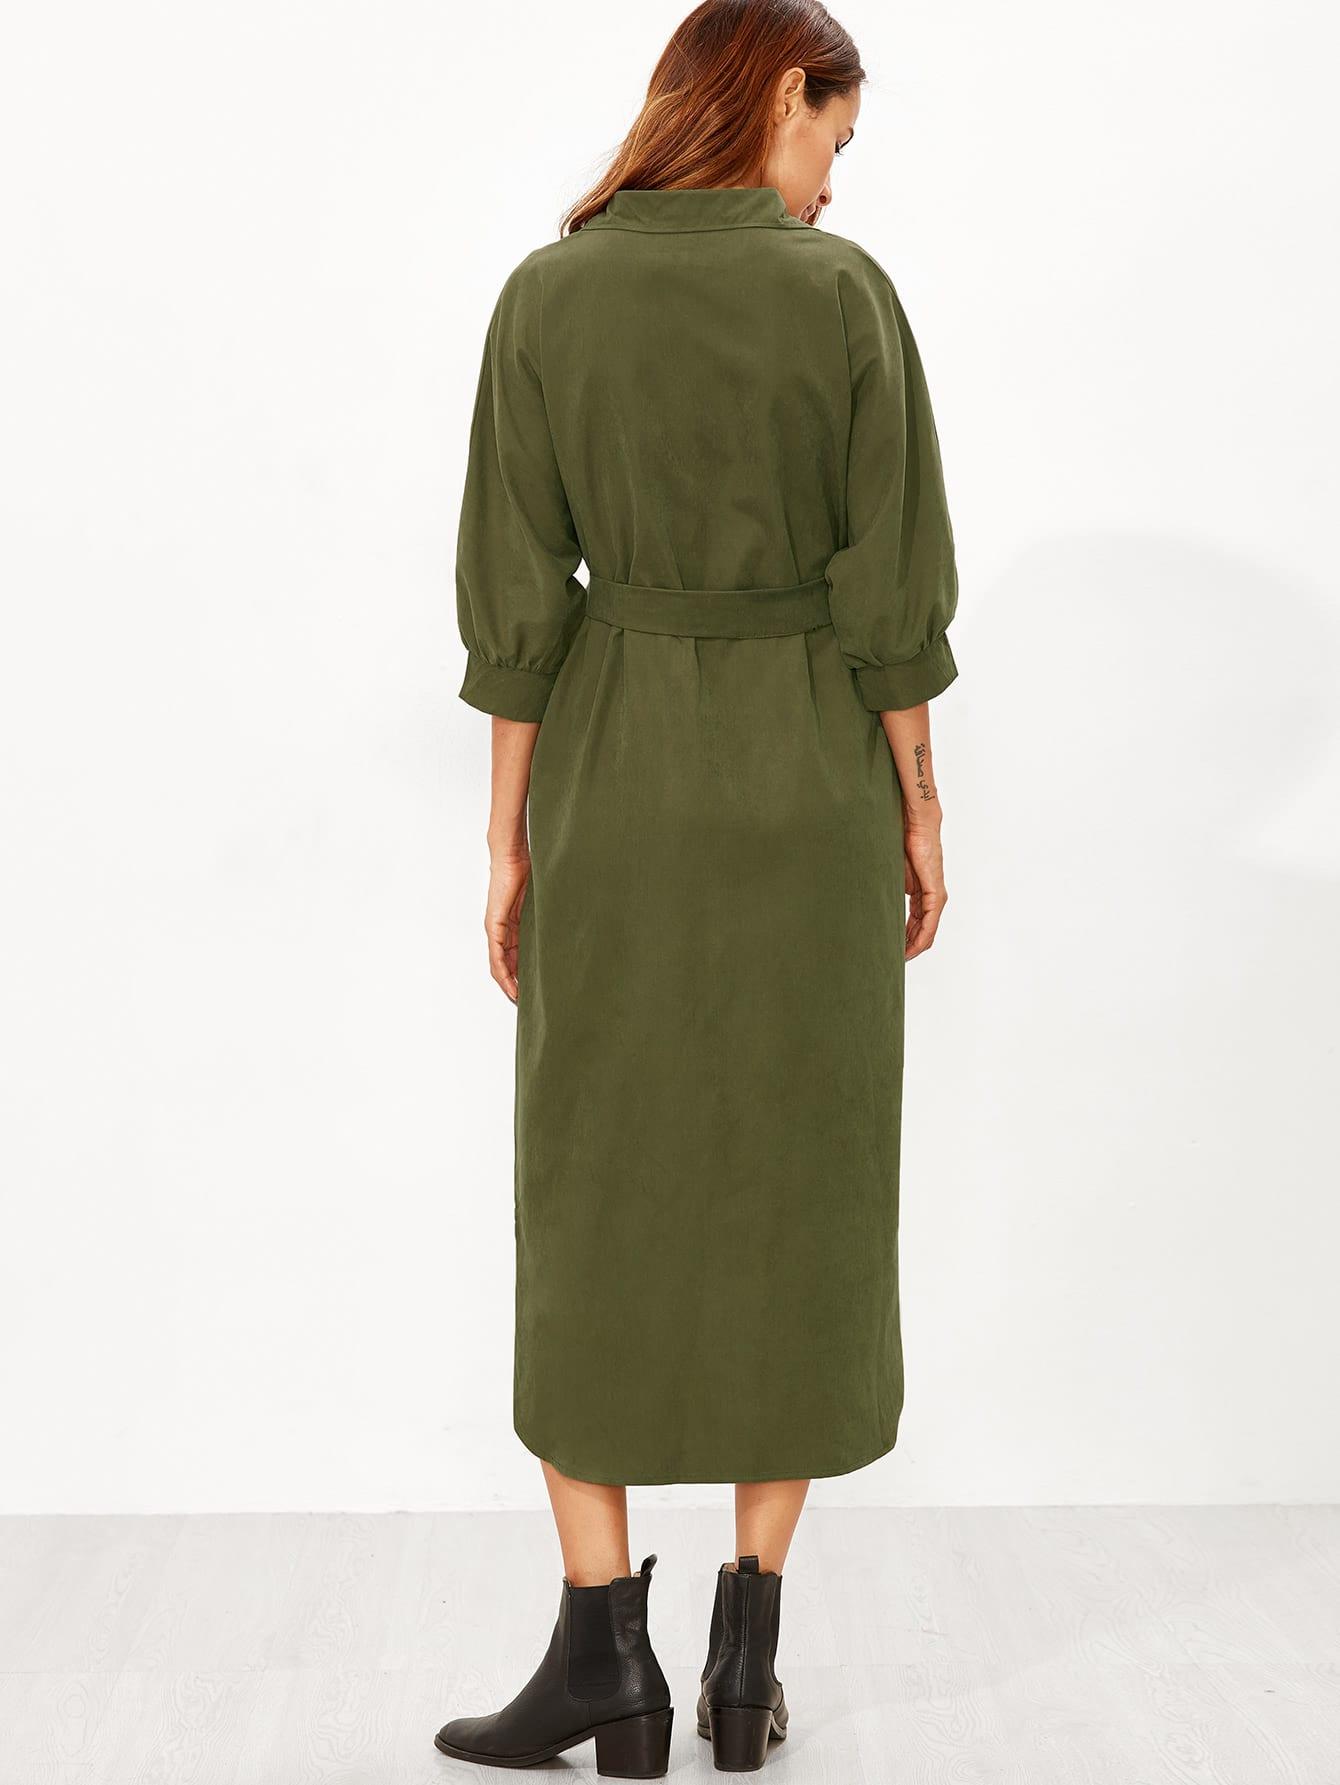 ab5c7b56f4 Vestido camisero asimétrico con cinturón - verde militar